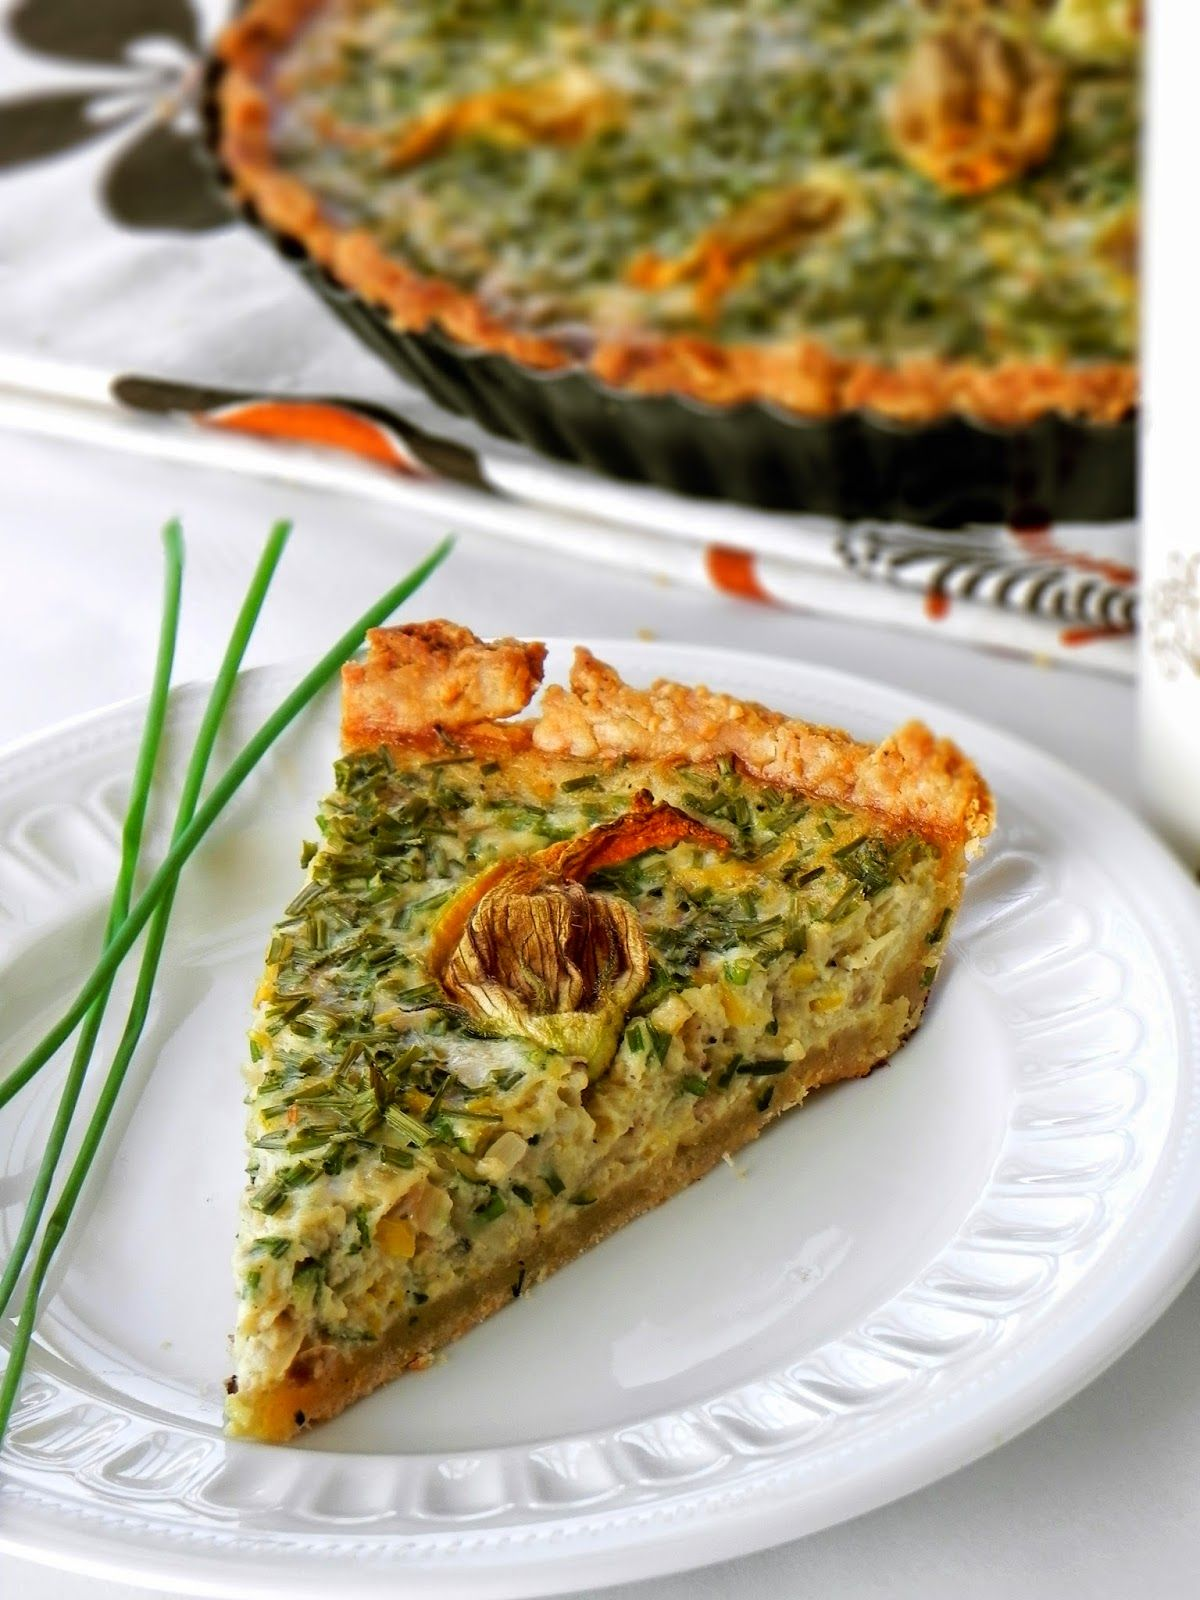 Fabryka Kulinarnych Inspiracji Tarta Z Cukinii Na Serowym Spodzie Recipes Food And Drink Cooking